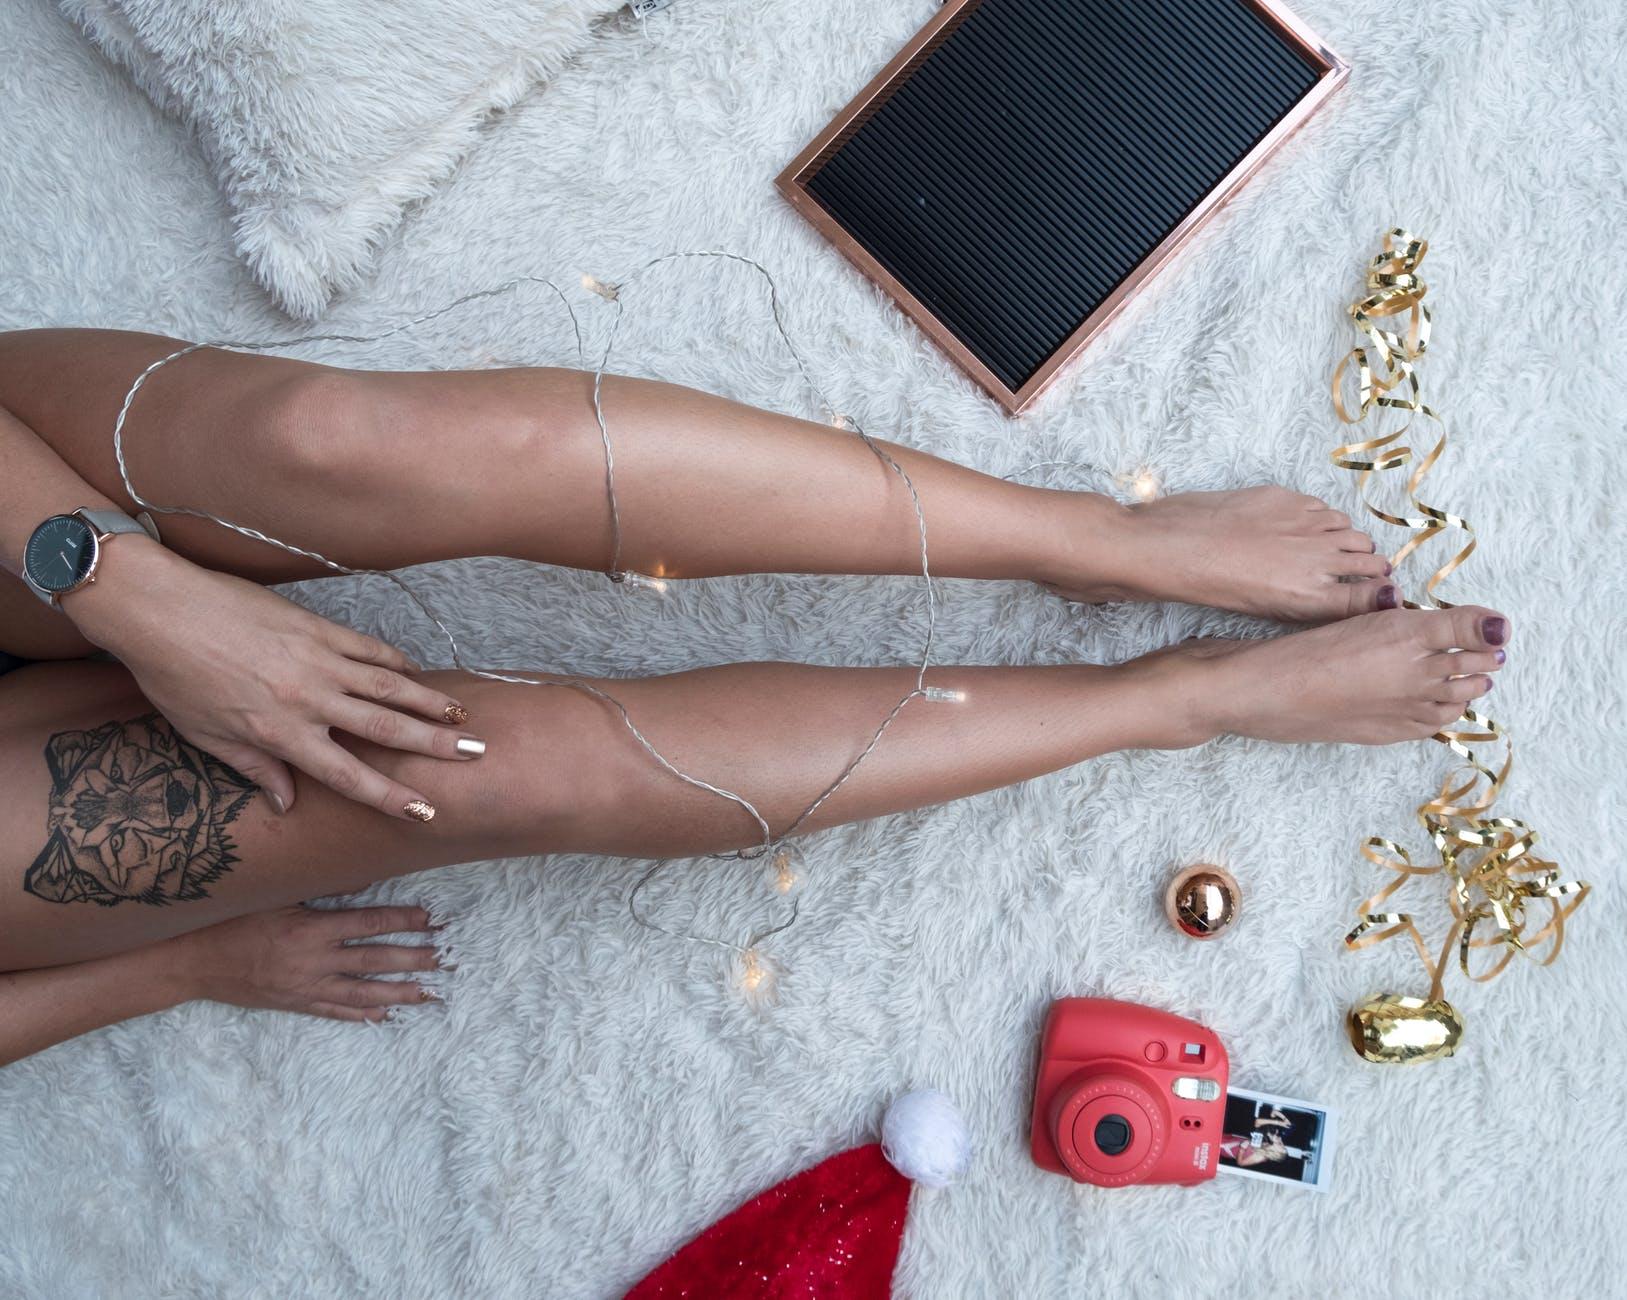 Horoskop otkriva koja tetovaža vam najviše odgovara